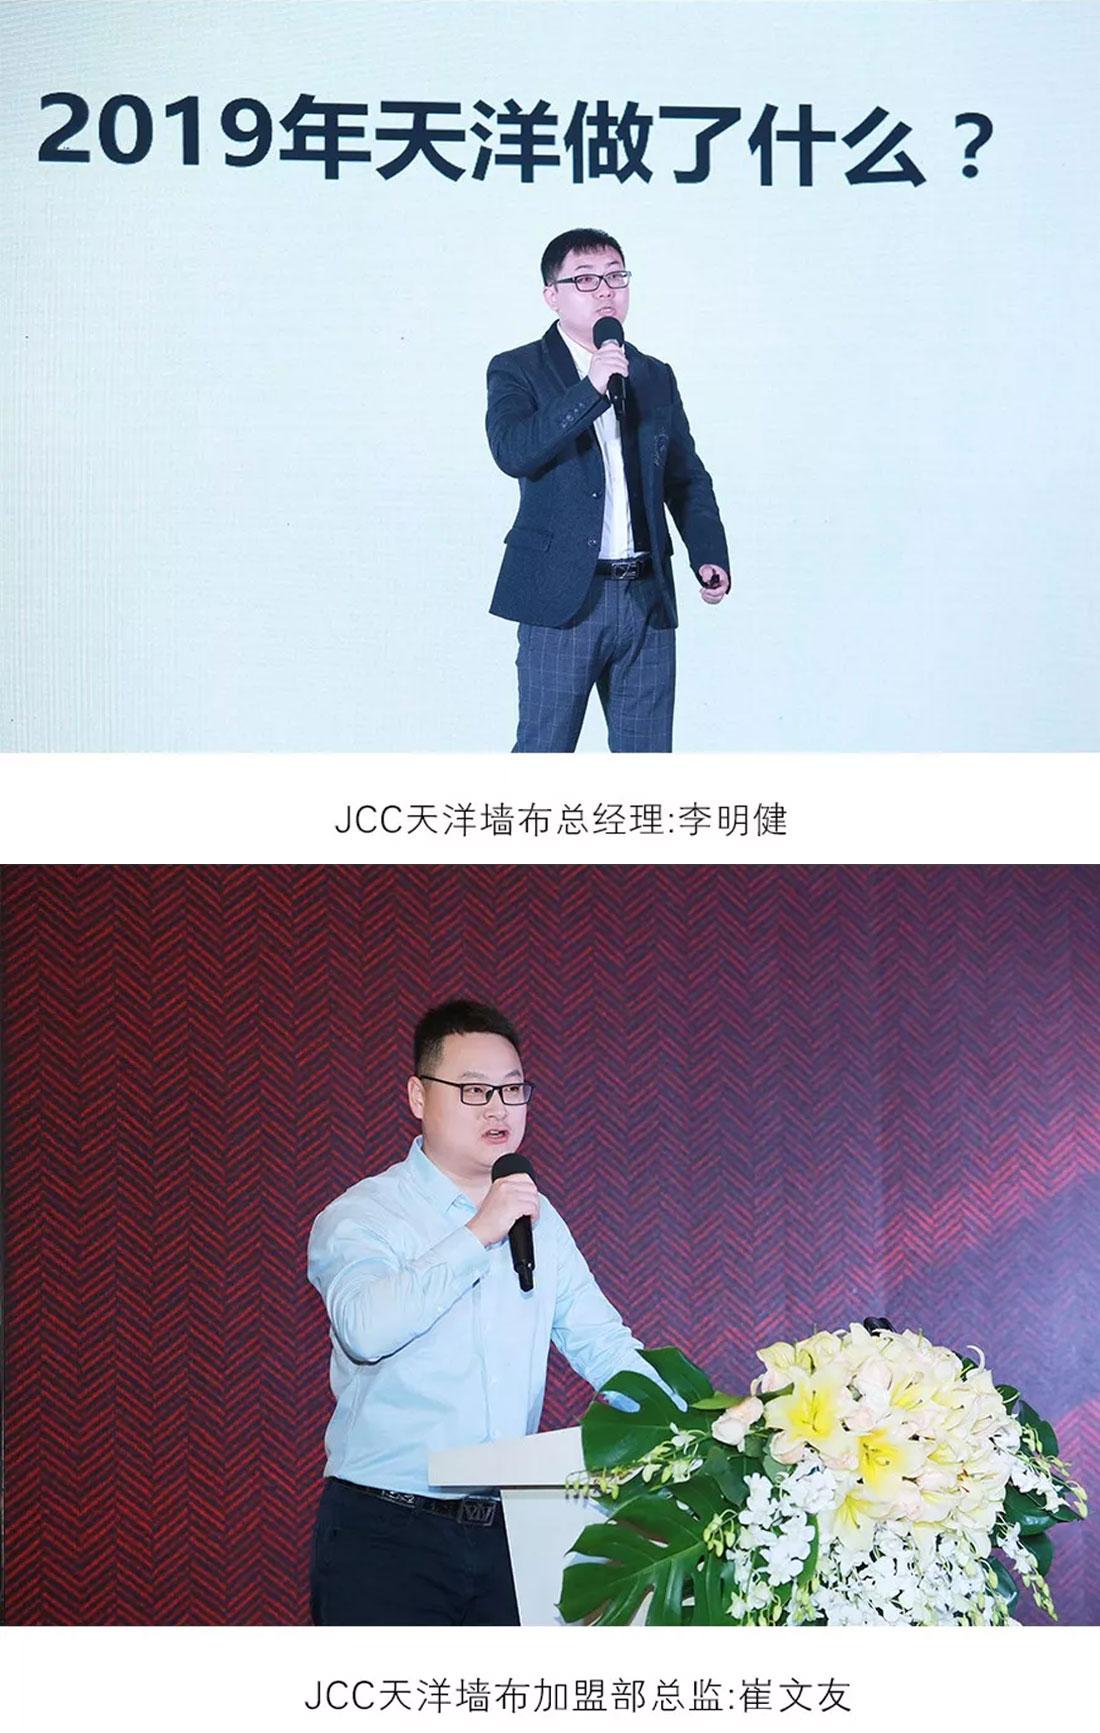 JCC天洋墙布李明健总监